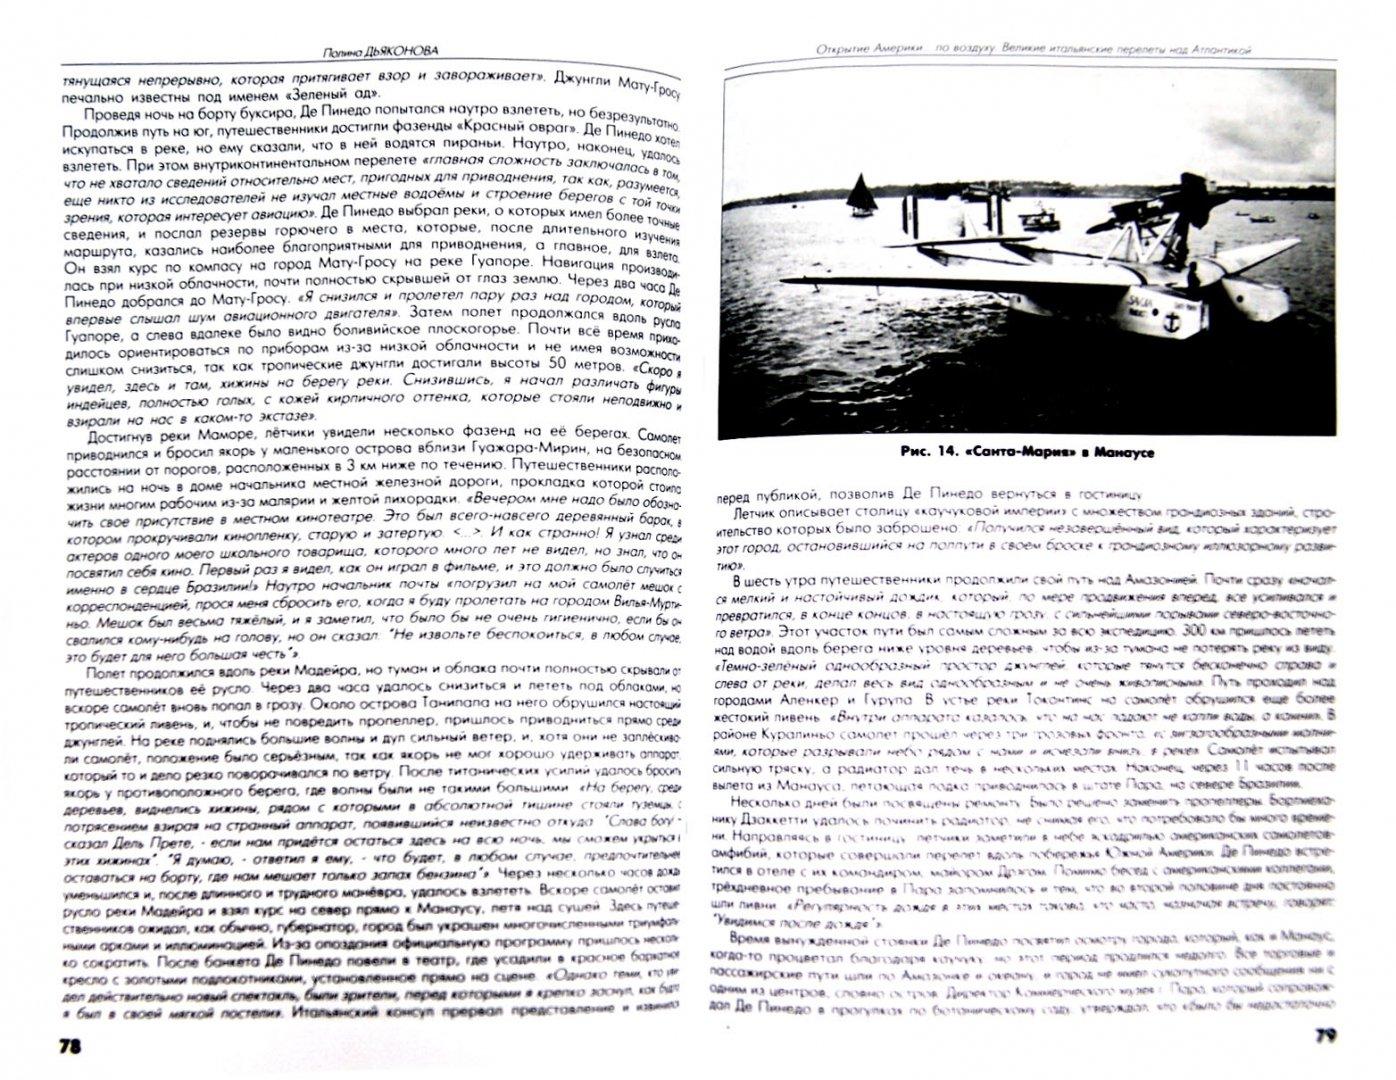 Иллюстрация 1 из 10 для Легенды и мифы авиации. Из истории отечественной и мировой авиации. Сборник статей. Выпуск 5 | Лабиринт - книги. Источник: Лабиринт